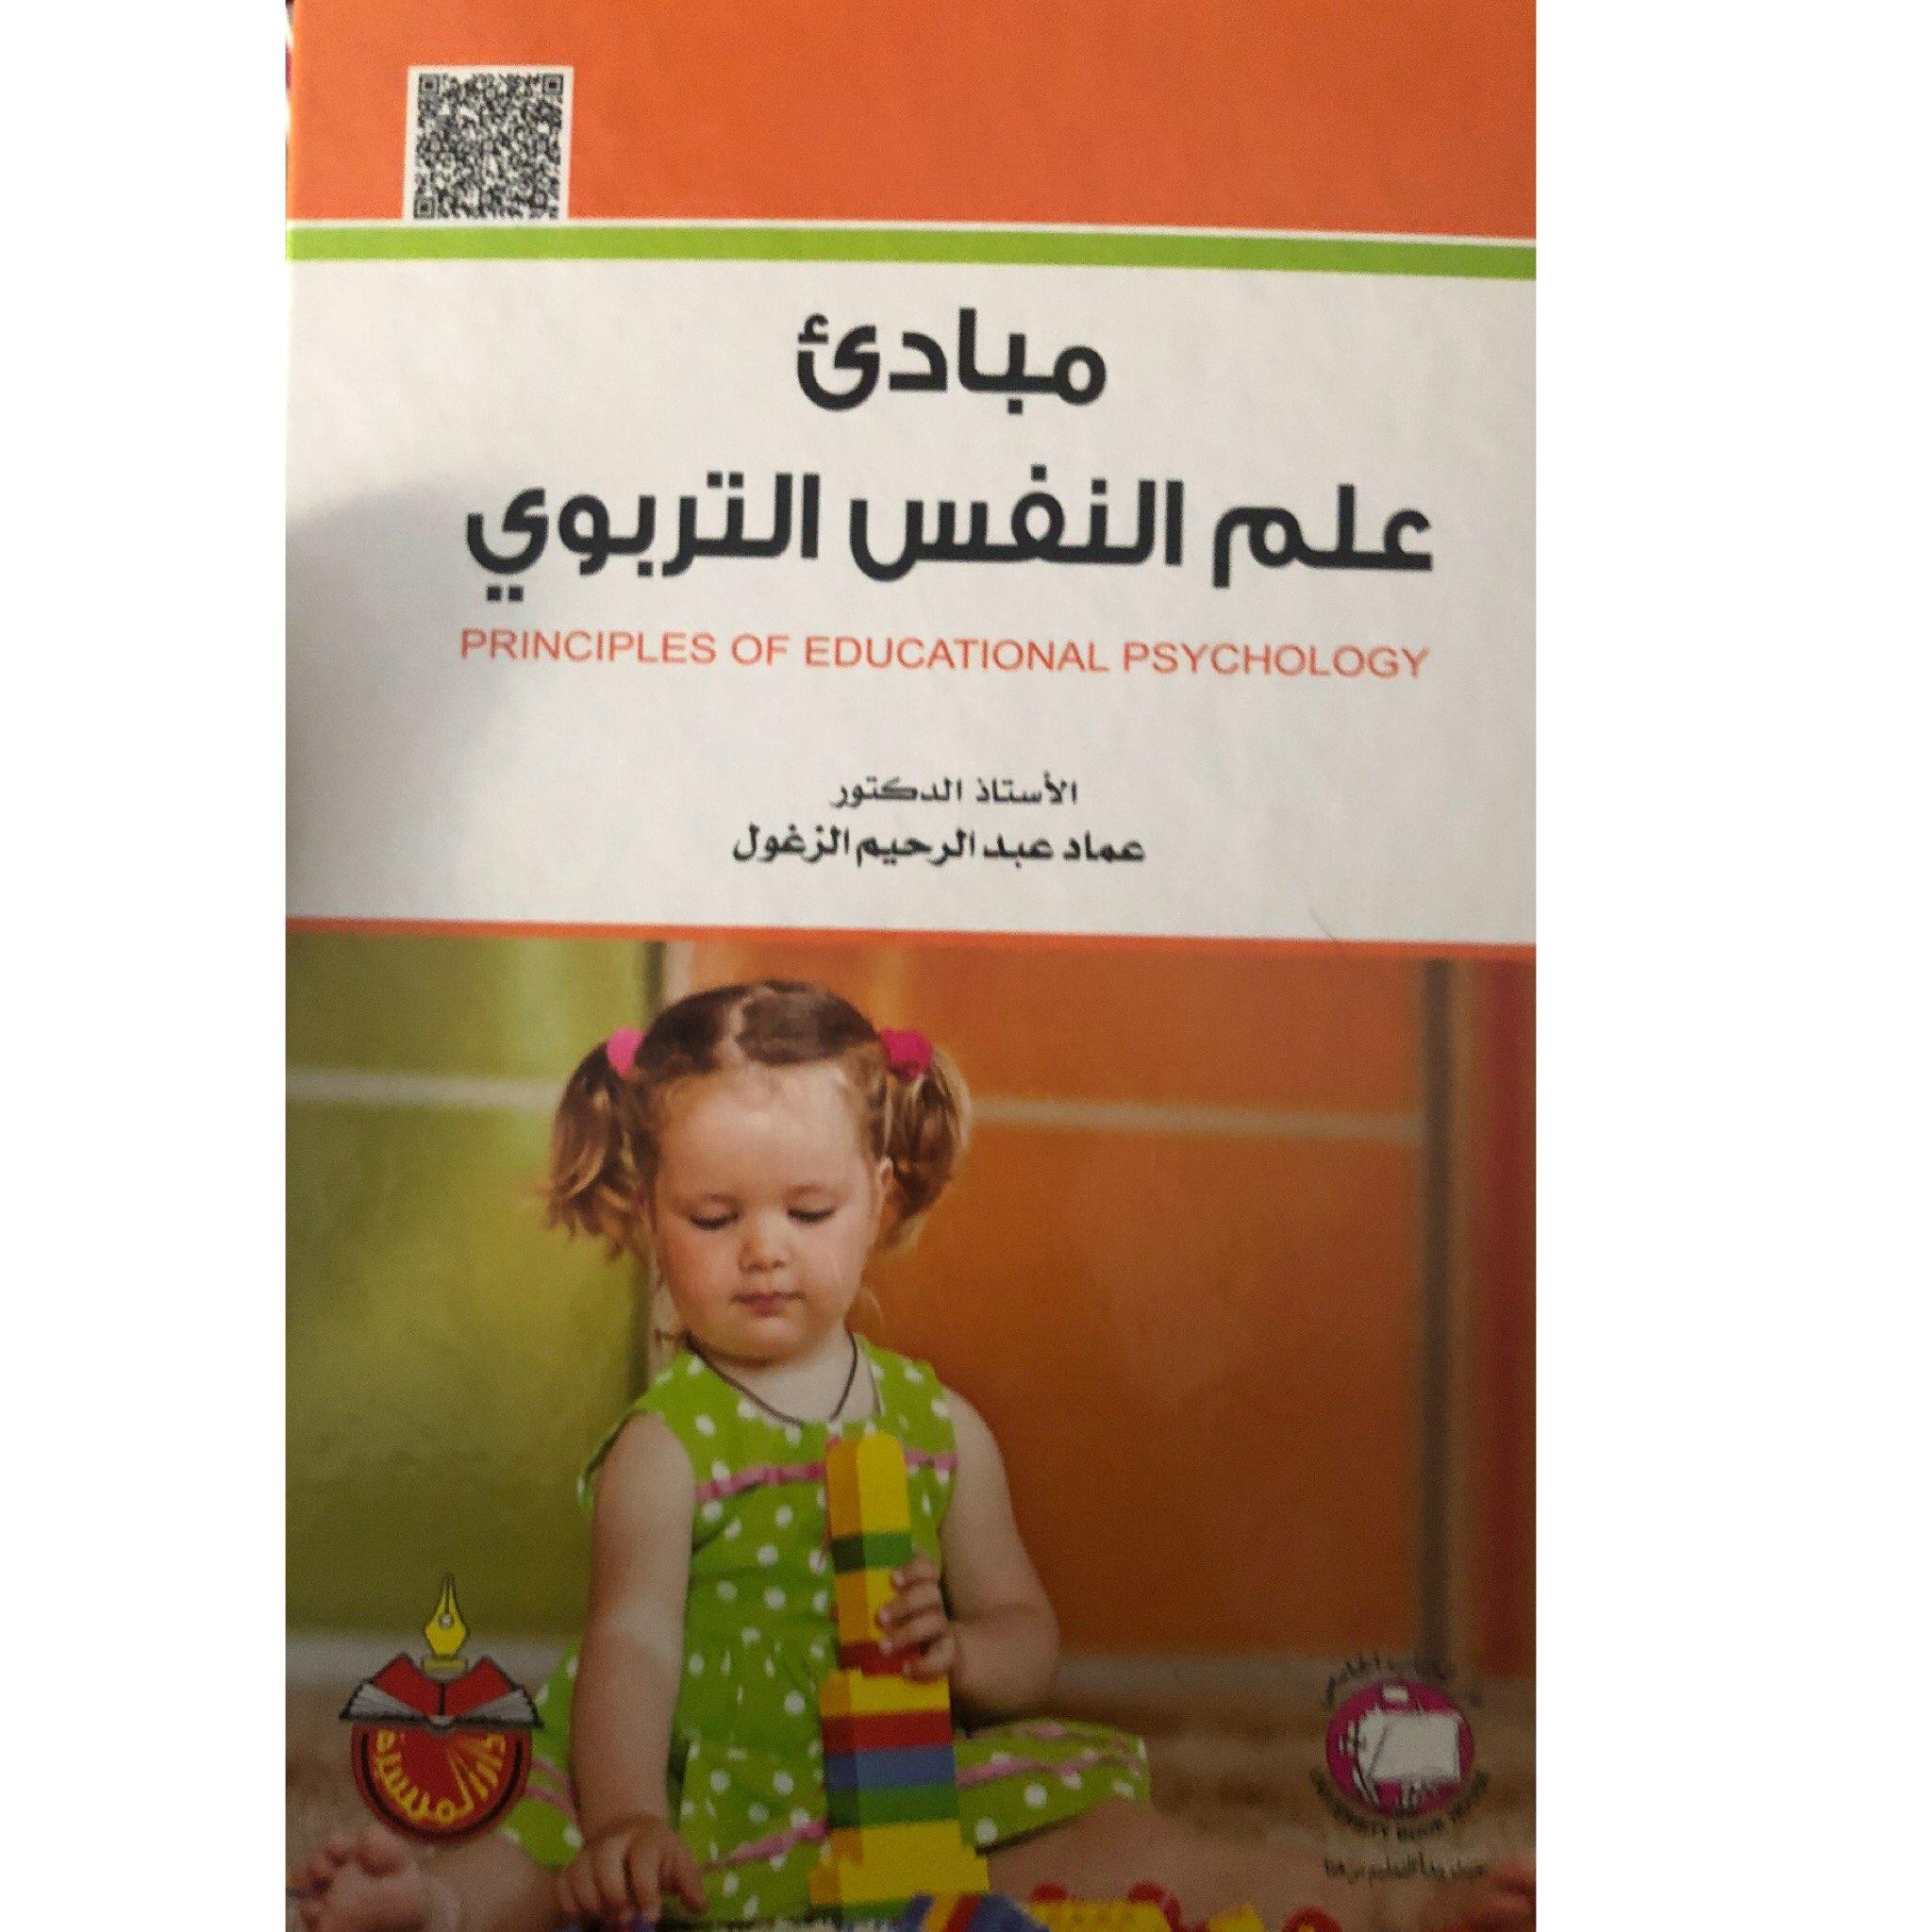 تحميل كتاب علم النفس التربوي عماد السكري pdf